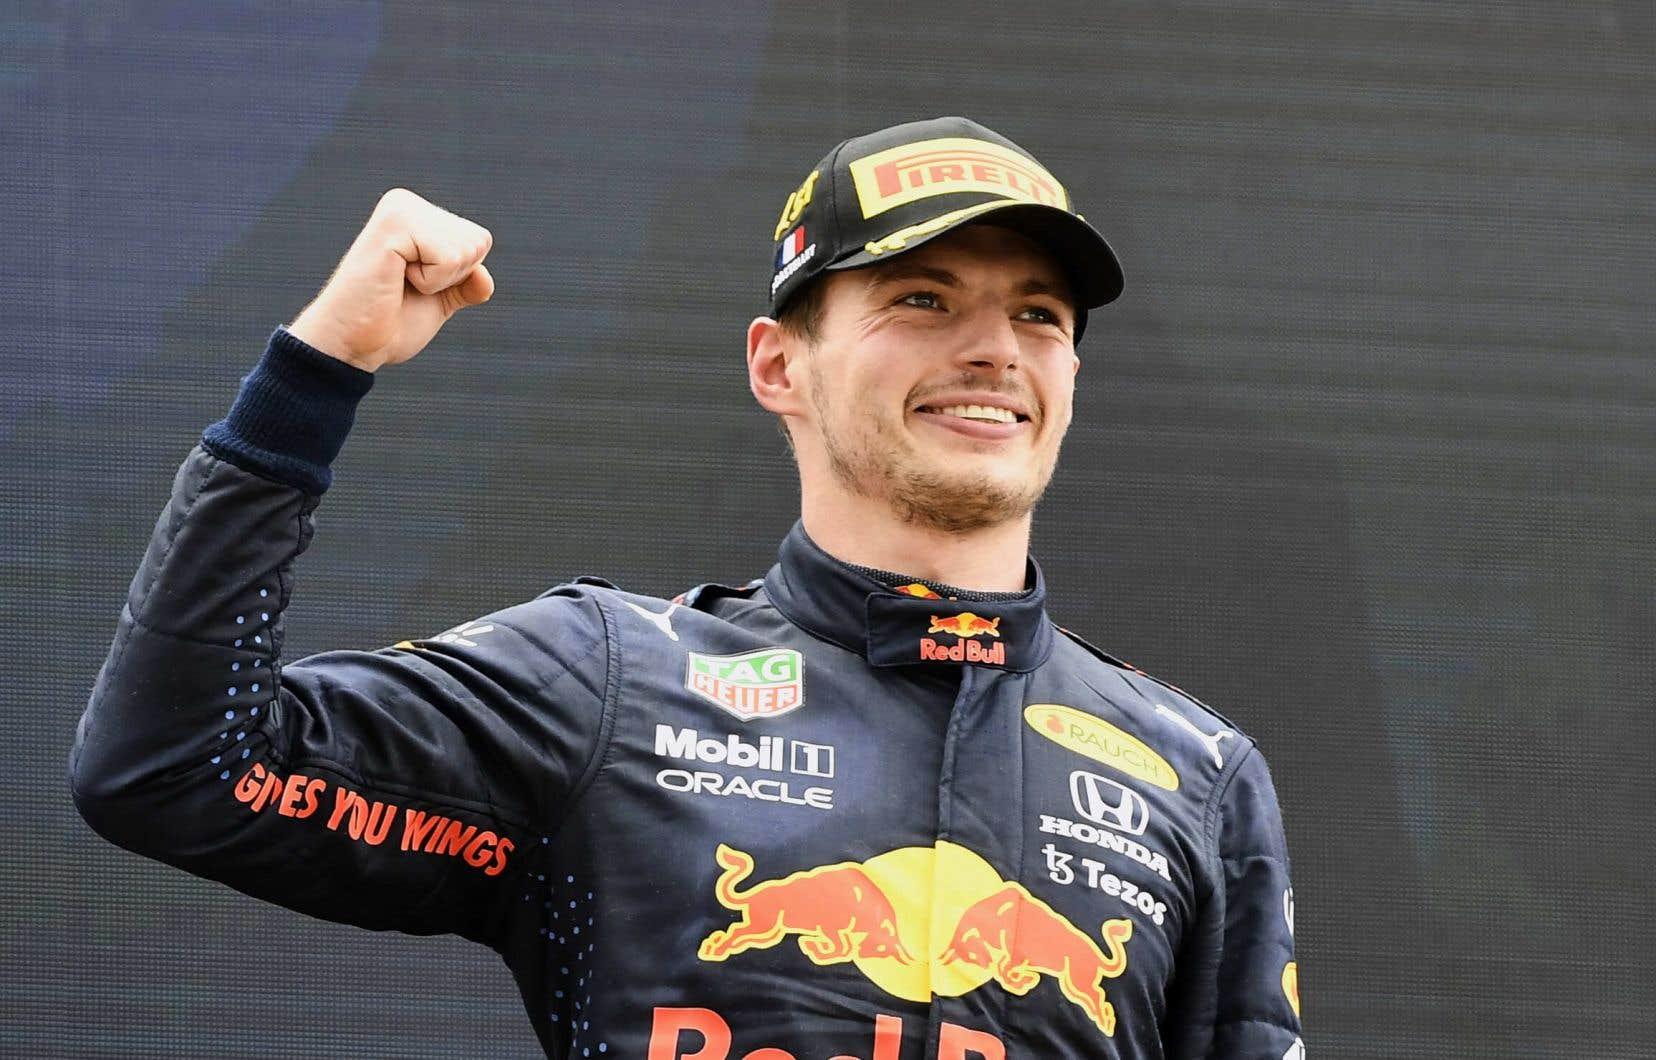 Le pilote Max Verstappen a signé dimanche sa troisième victoire cette saison.